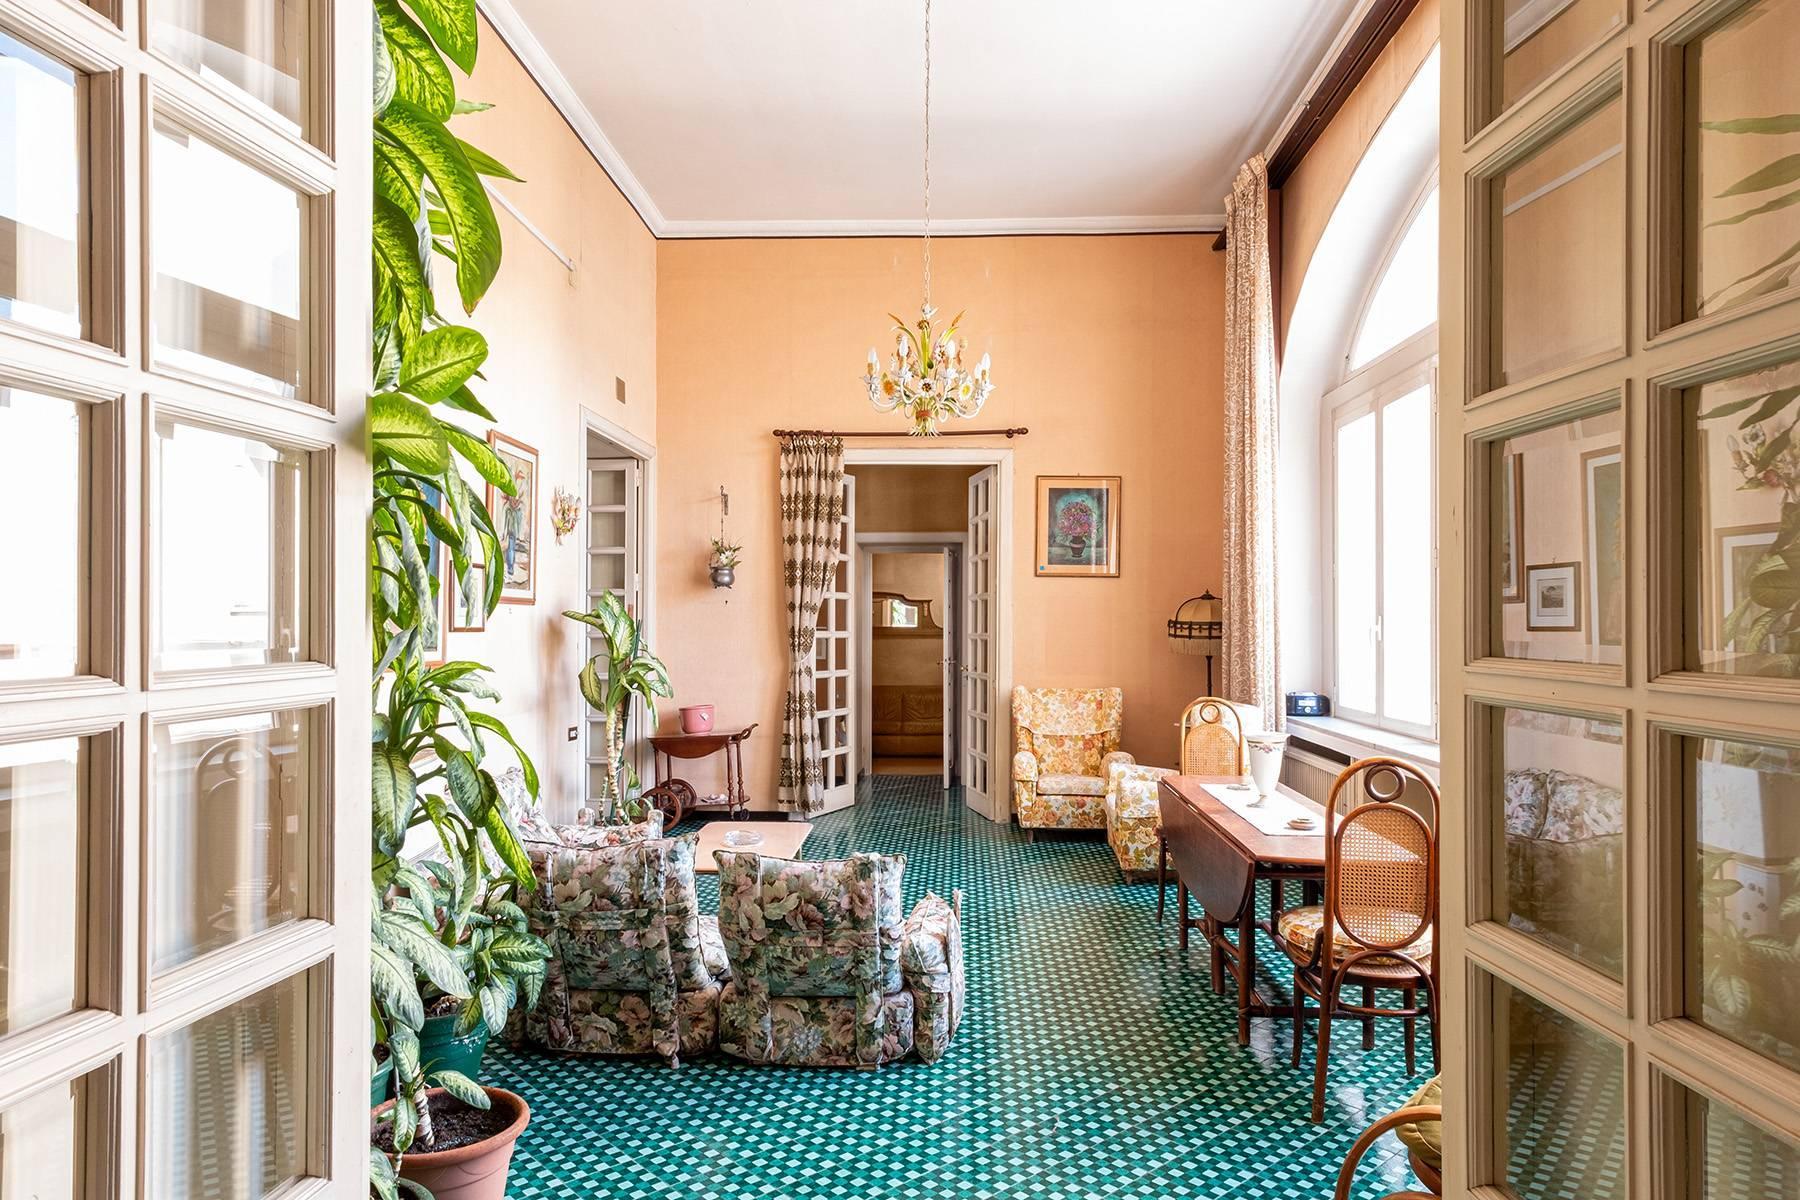 Prächtige repräsentative Wohnung in einer historischen Residenz - 7